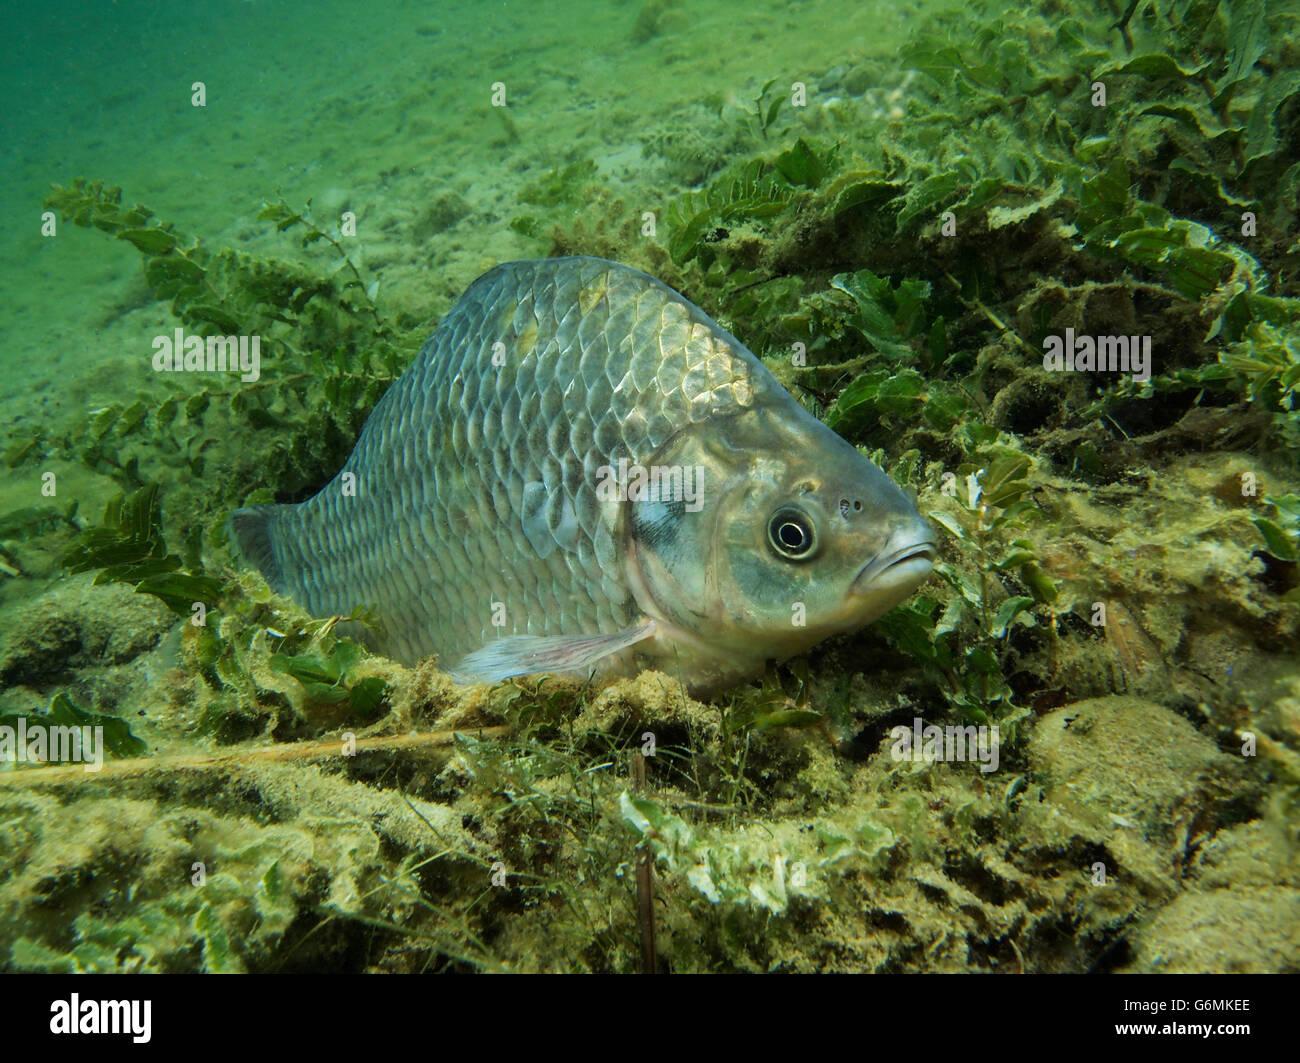 Prussian carp / (Carassius auratus gibelio) Stock Photo